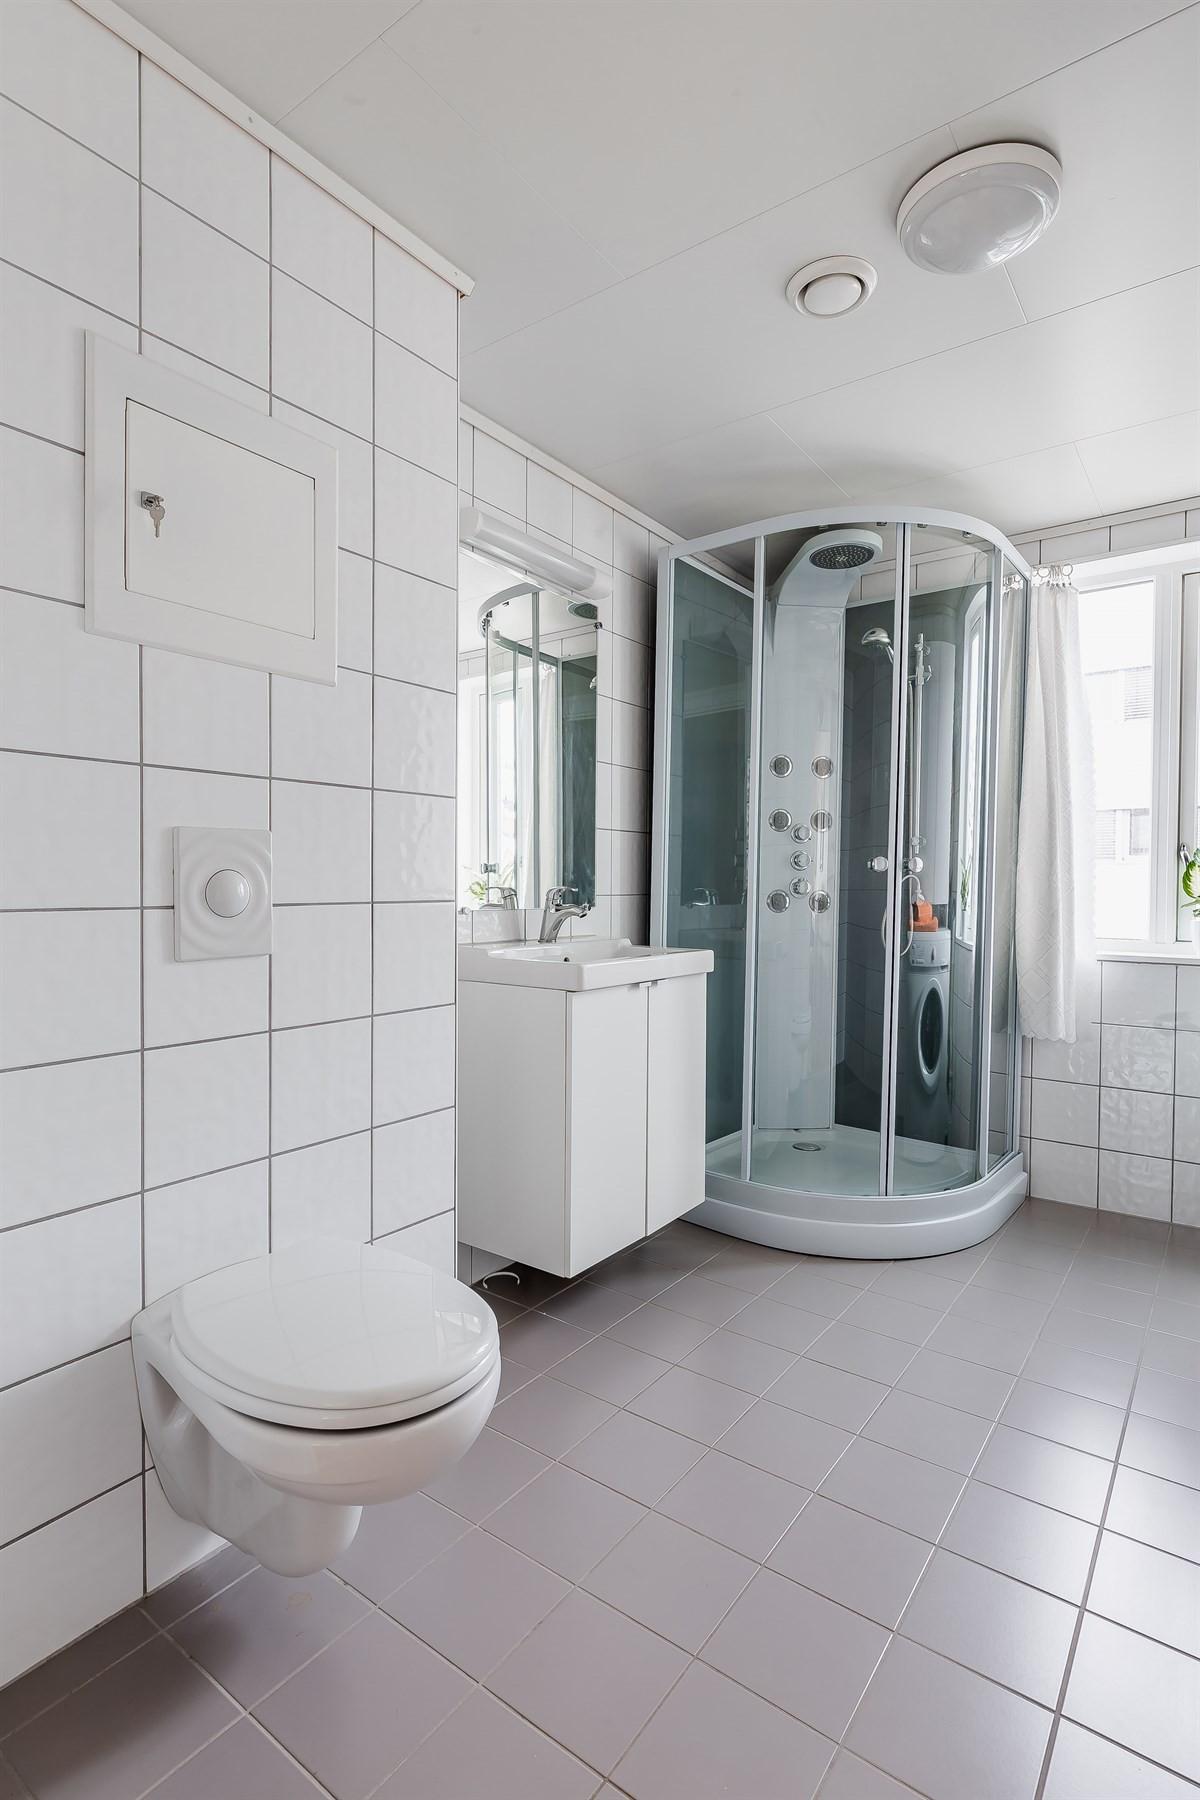 Flislagt bad med vegghengt wc